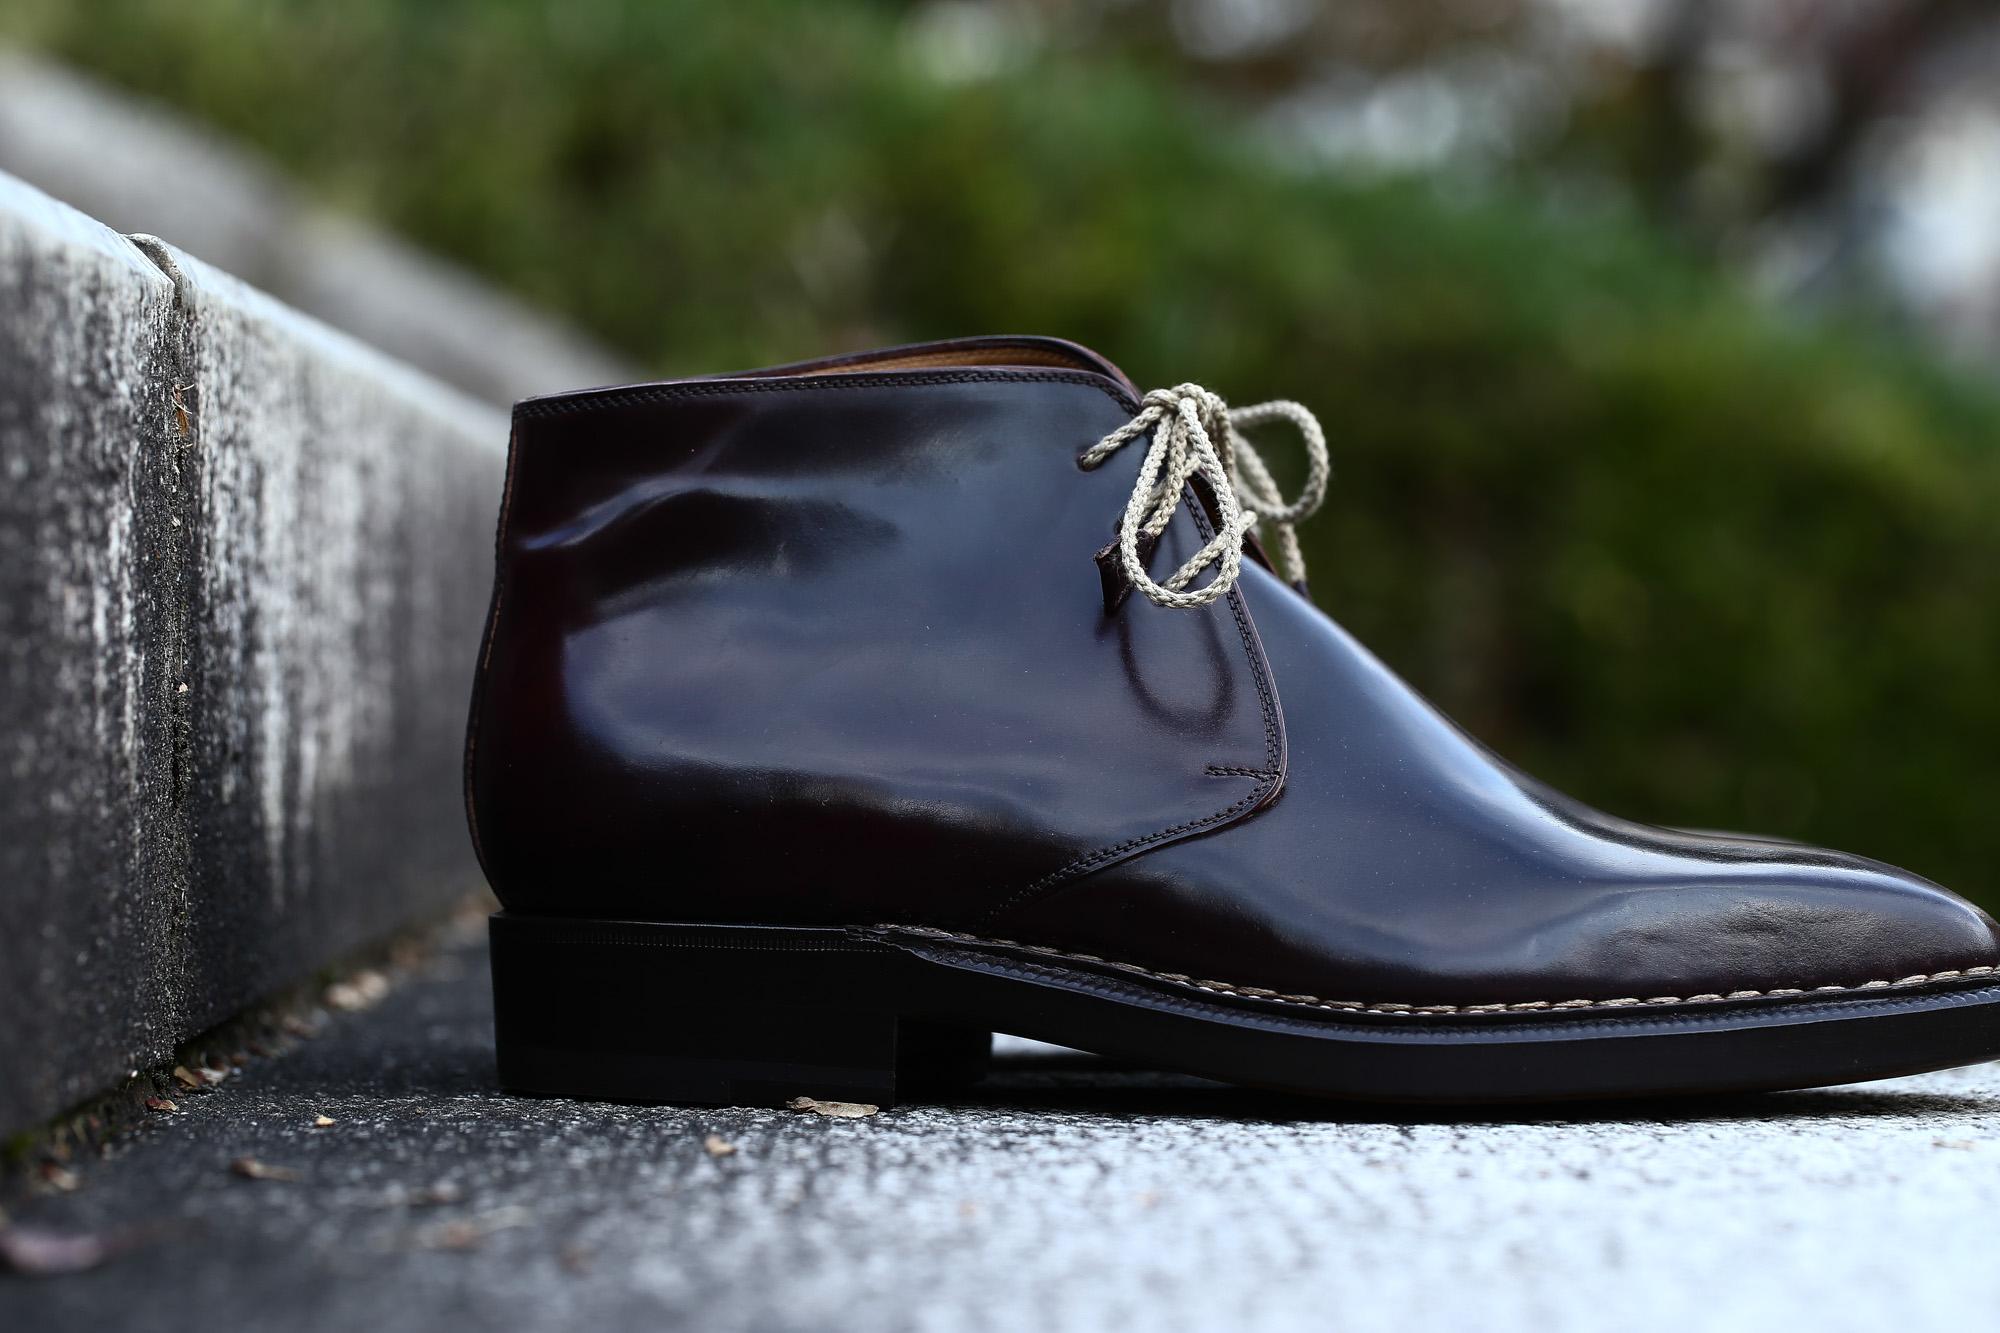 EENZO BONAFE (エンツォボナフェ) ART.3722 Chukka boots Horween Shell Cordovan Leather ホーウィン社 シェルコードバンレザー レザーブーツ コードバンブーツ チャッカブーツ No.8 (バーガンディー) made in Italy(イタリア製) 愛知 名古屋 Alto e Diritto アルト エ デリット ボナフェ コードバン ベネチアンクリーム JOHN LOBB ジョンロブ CHURCH'S チャーチ JOSEPH CHEANEY ジョセフチーニー CORTHAY コルテ ALFRED SARGENT アルフレッドサージェント CROCKETT&JONES クロケットジョーンズ F.LLI GIACOMETTI フラテッリジャコメッティ ENZO BONAFE エンツォボナフェ BETTANIN&VENTURI ベッタニンヴェントゥーリ JALAN SRIWIJAYA ジャランスリウァヤ J.W.WESTON ジェイエムウエストン SANTONI サントーニ SERGIO ROSSI セルジオロッシ CARMINA カルミナ